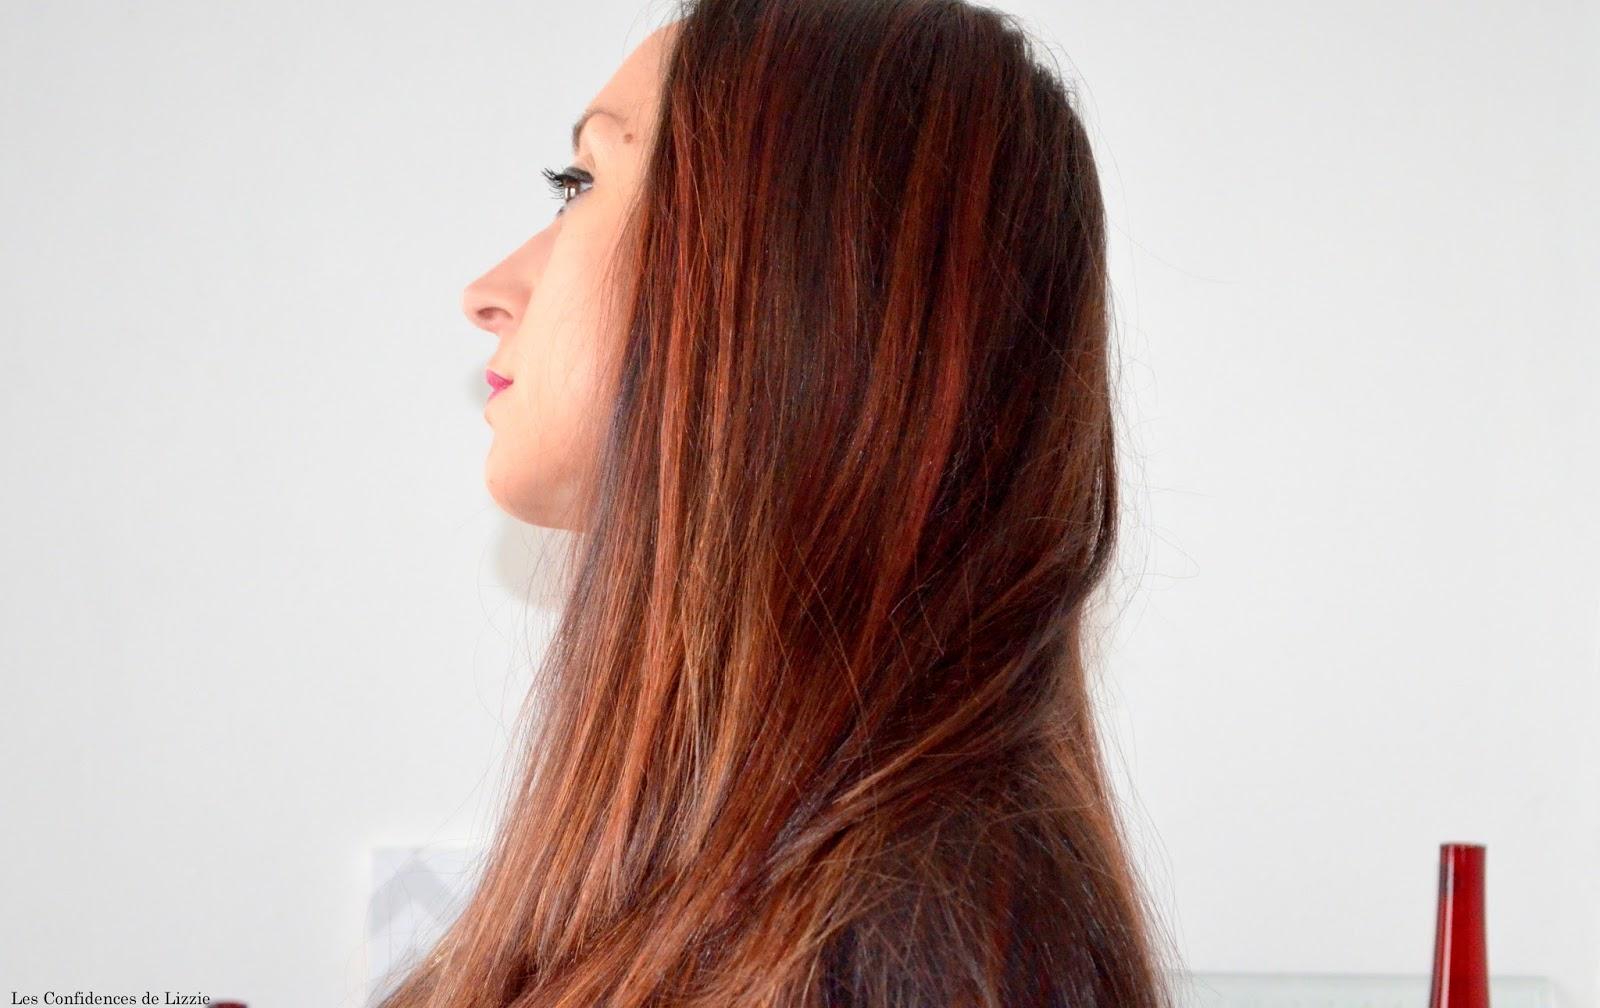 cheveux lisses - cheveux brillants - cheveux volumineux - hairissime - lisseur - boucleur - cheveux brillants - boucles - faire des boucles facilement - lisser ses cheveux facilement - brushing simple - brush facile - lisseur pour cheveux